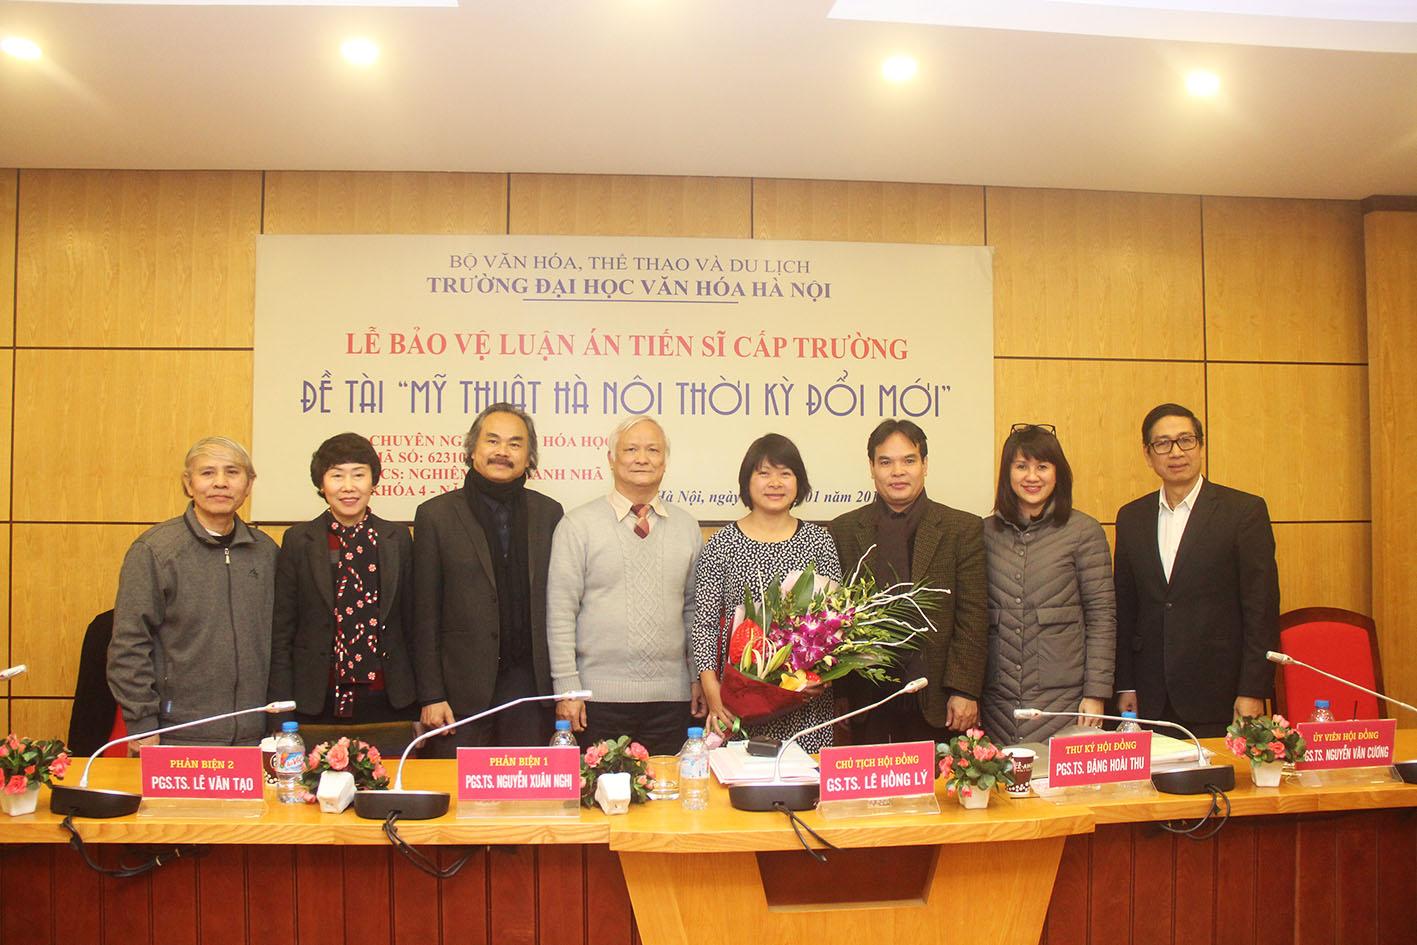 Lễ bảo vệ luận án tiến sĩ của NCS Nghiêm Thị Thanh Nhã